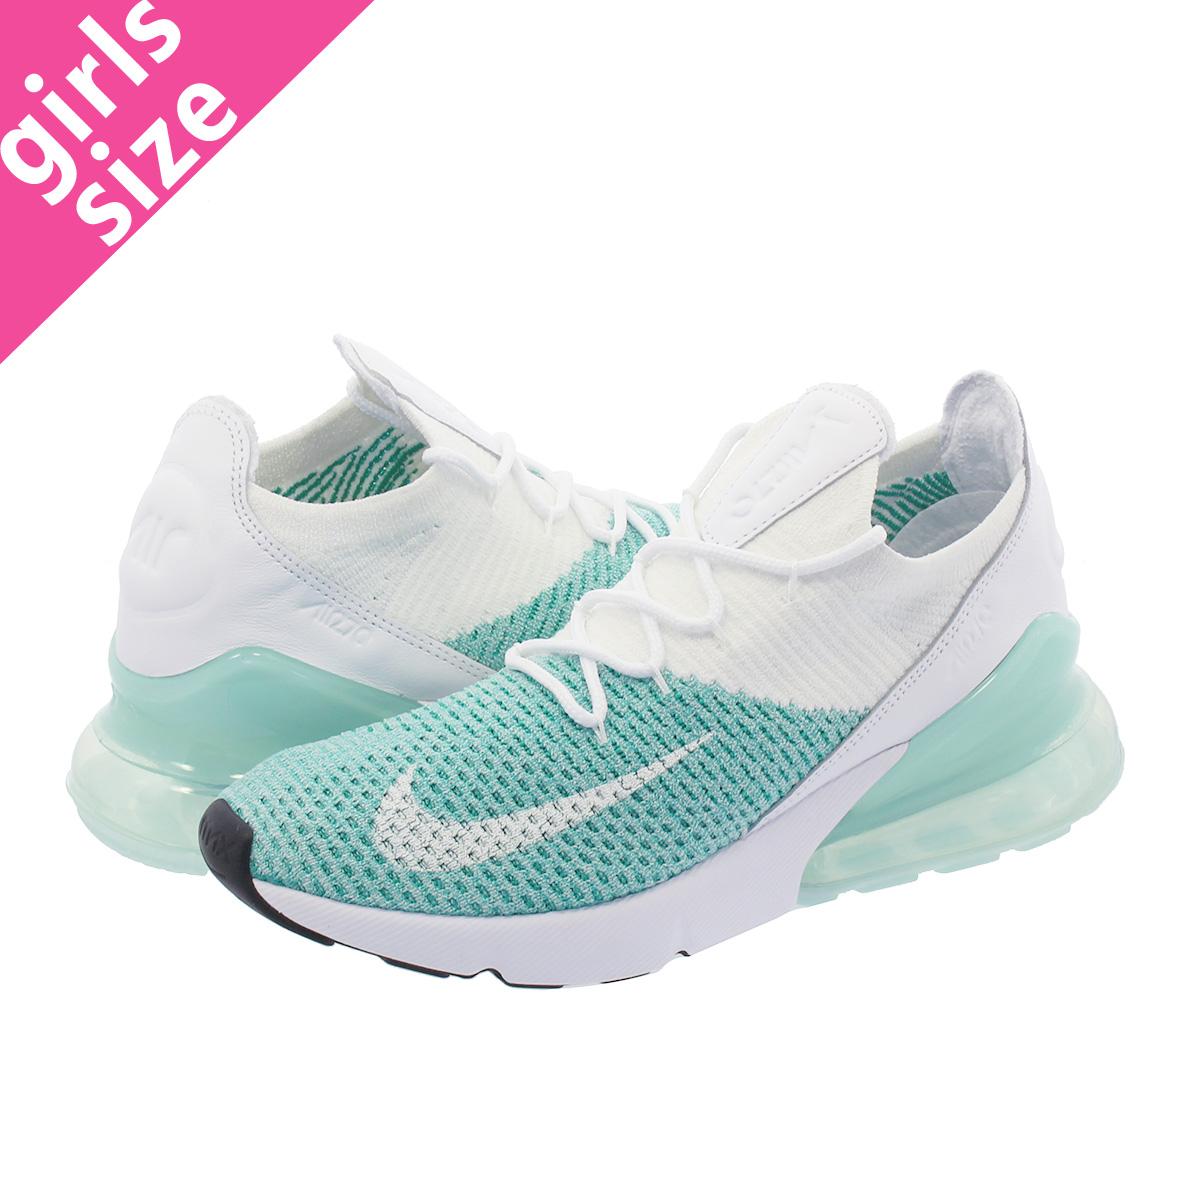 Nike Womens Air Max 270 IglooWhite AH6803 301